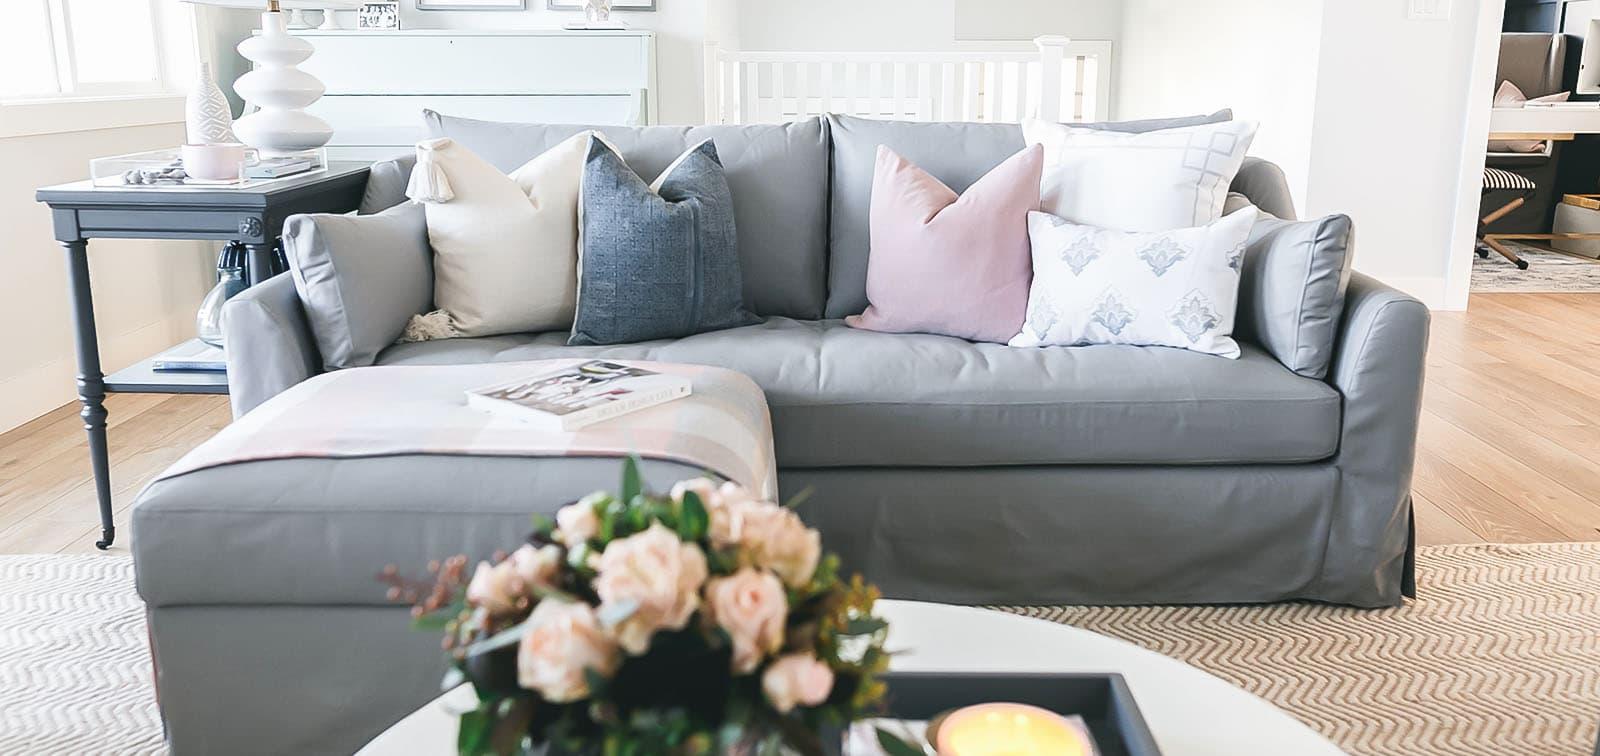 Westwing Ersatz Sofabezug Baumwolle hellgrau